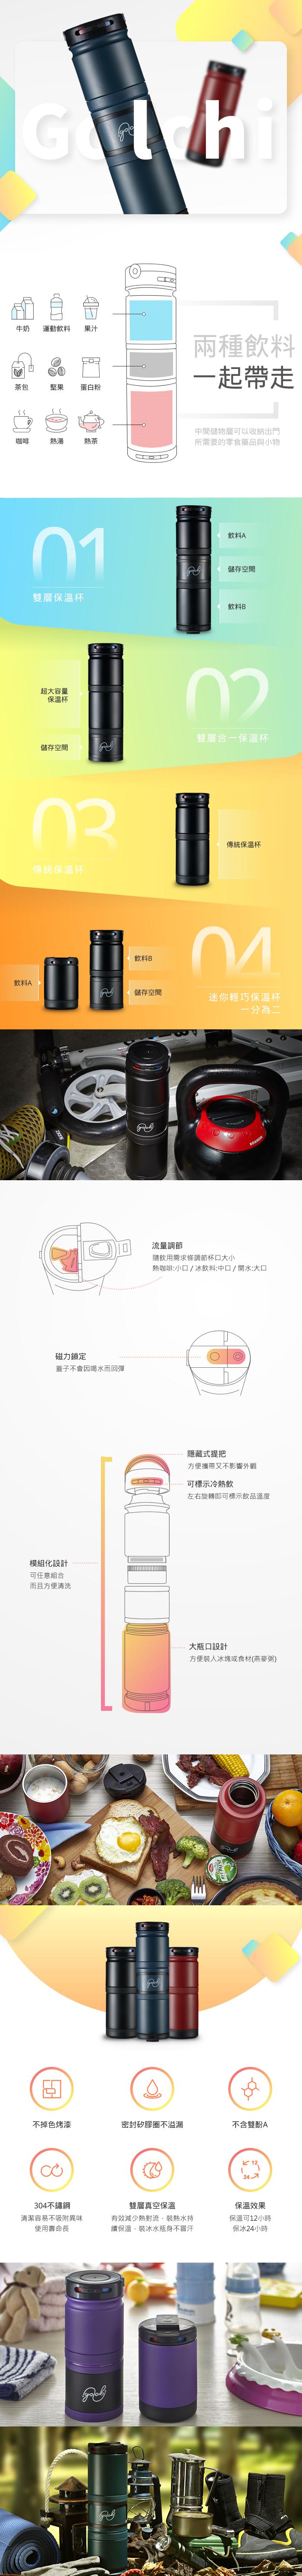 Golchi|多功能 304 不鏽鋼淬煉保溫瓶 - 黑色